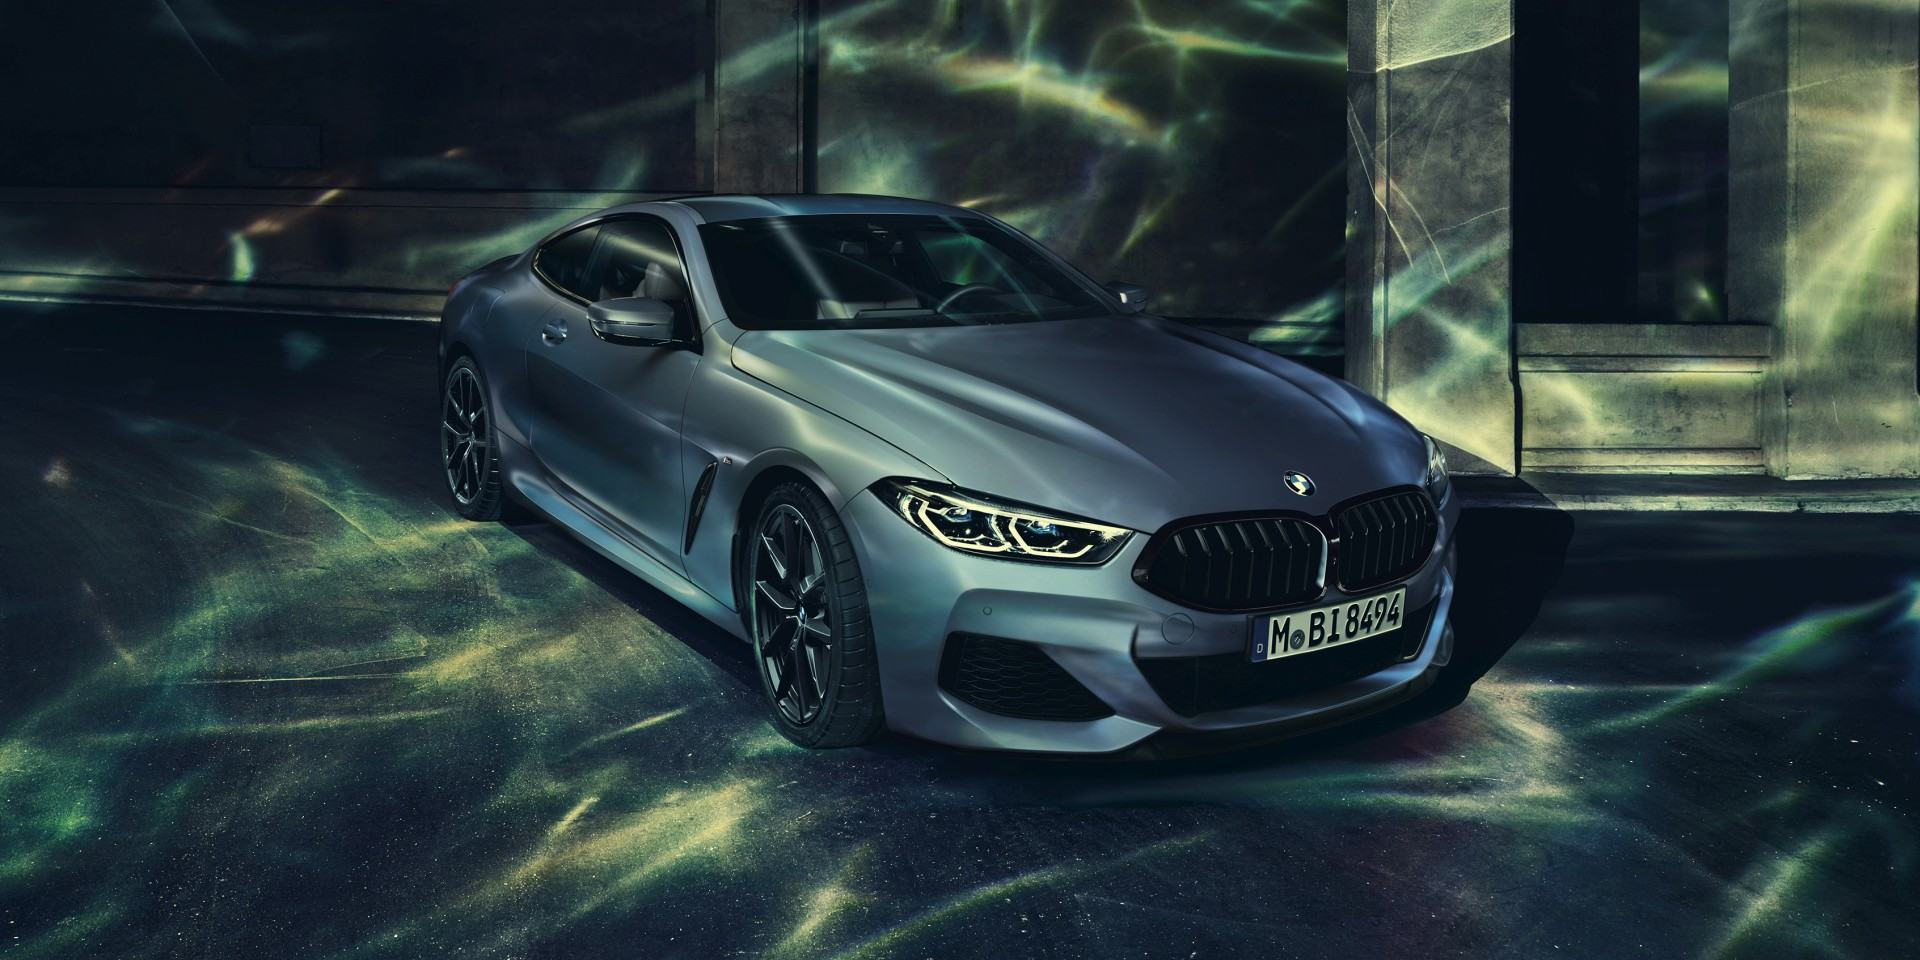 極致專屬的獨特紳士坐駕:BMW全新8系列即將上市,全球限量400台M850i First Edition率先亮相